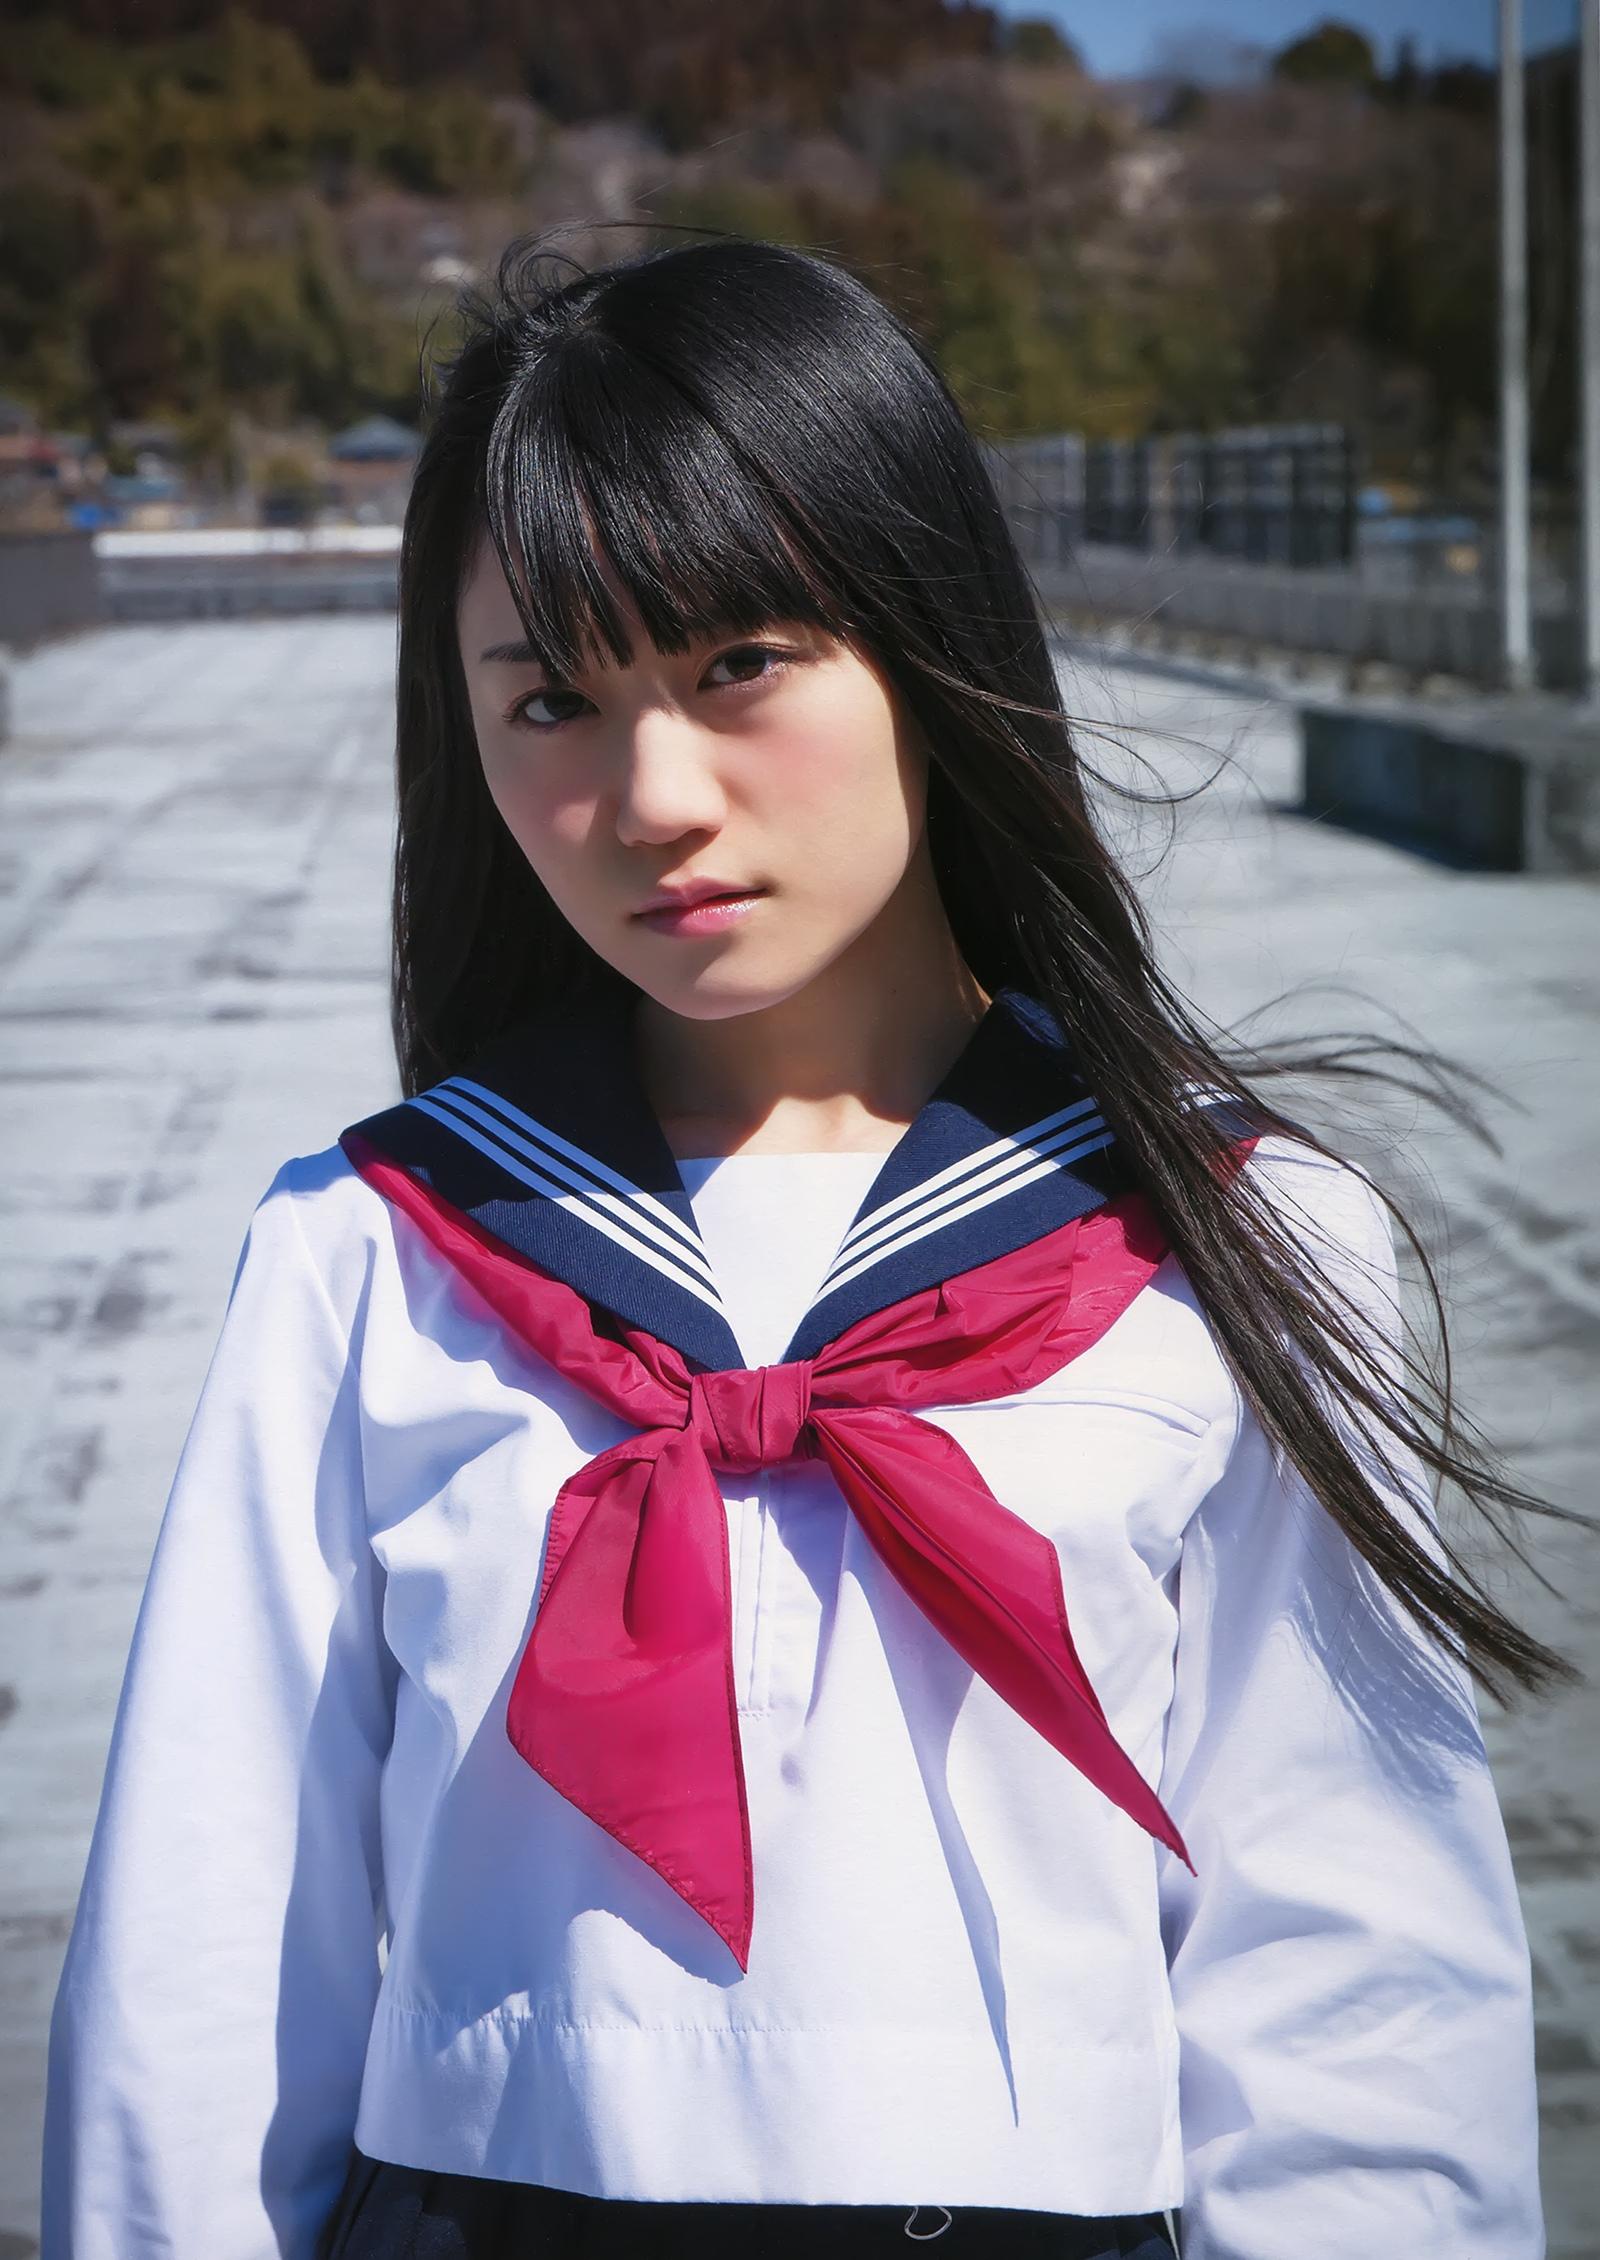 http://blog-imgs-72.fc2.com/g/e/k/gekiseiyuuarchive/24-sailoryui.jpg